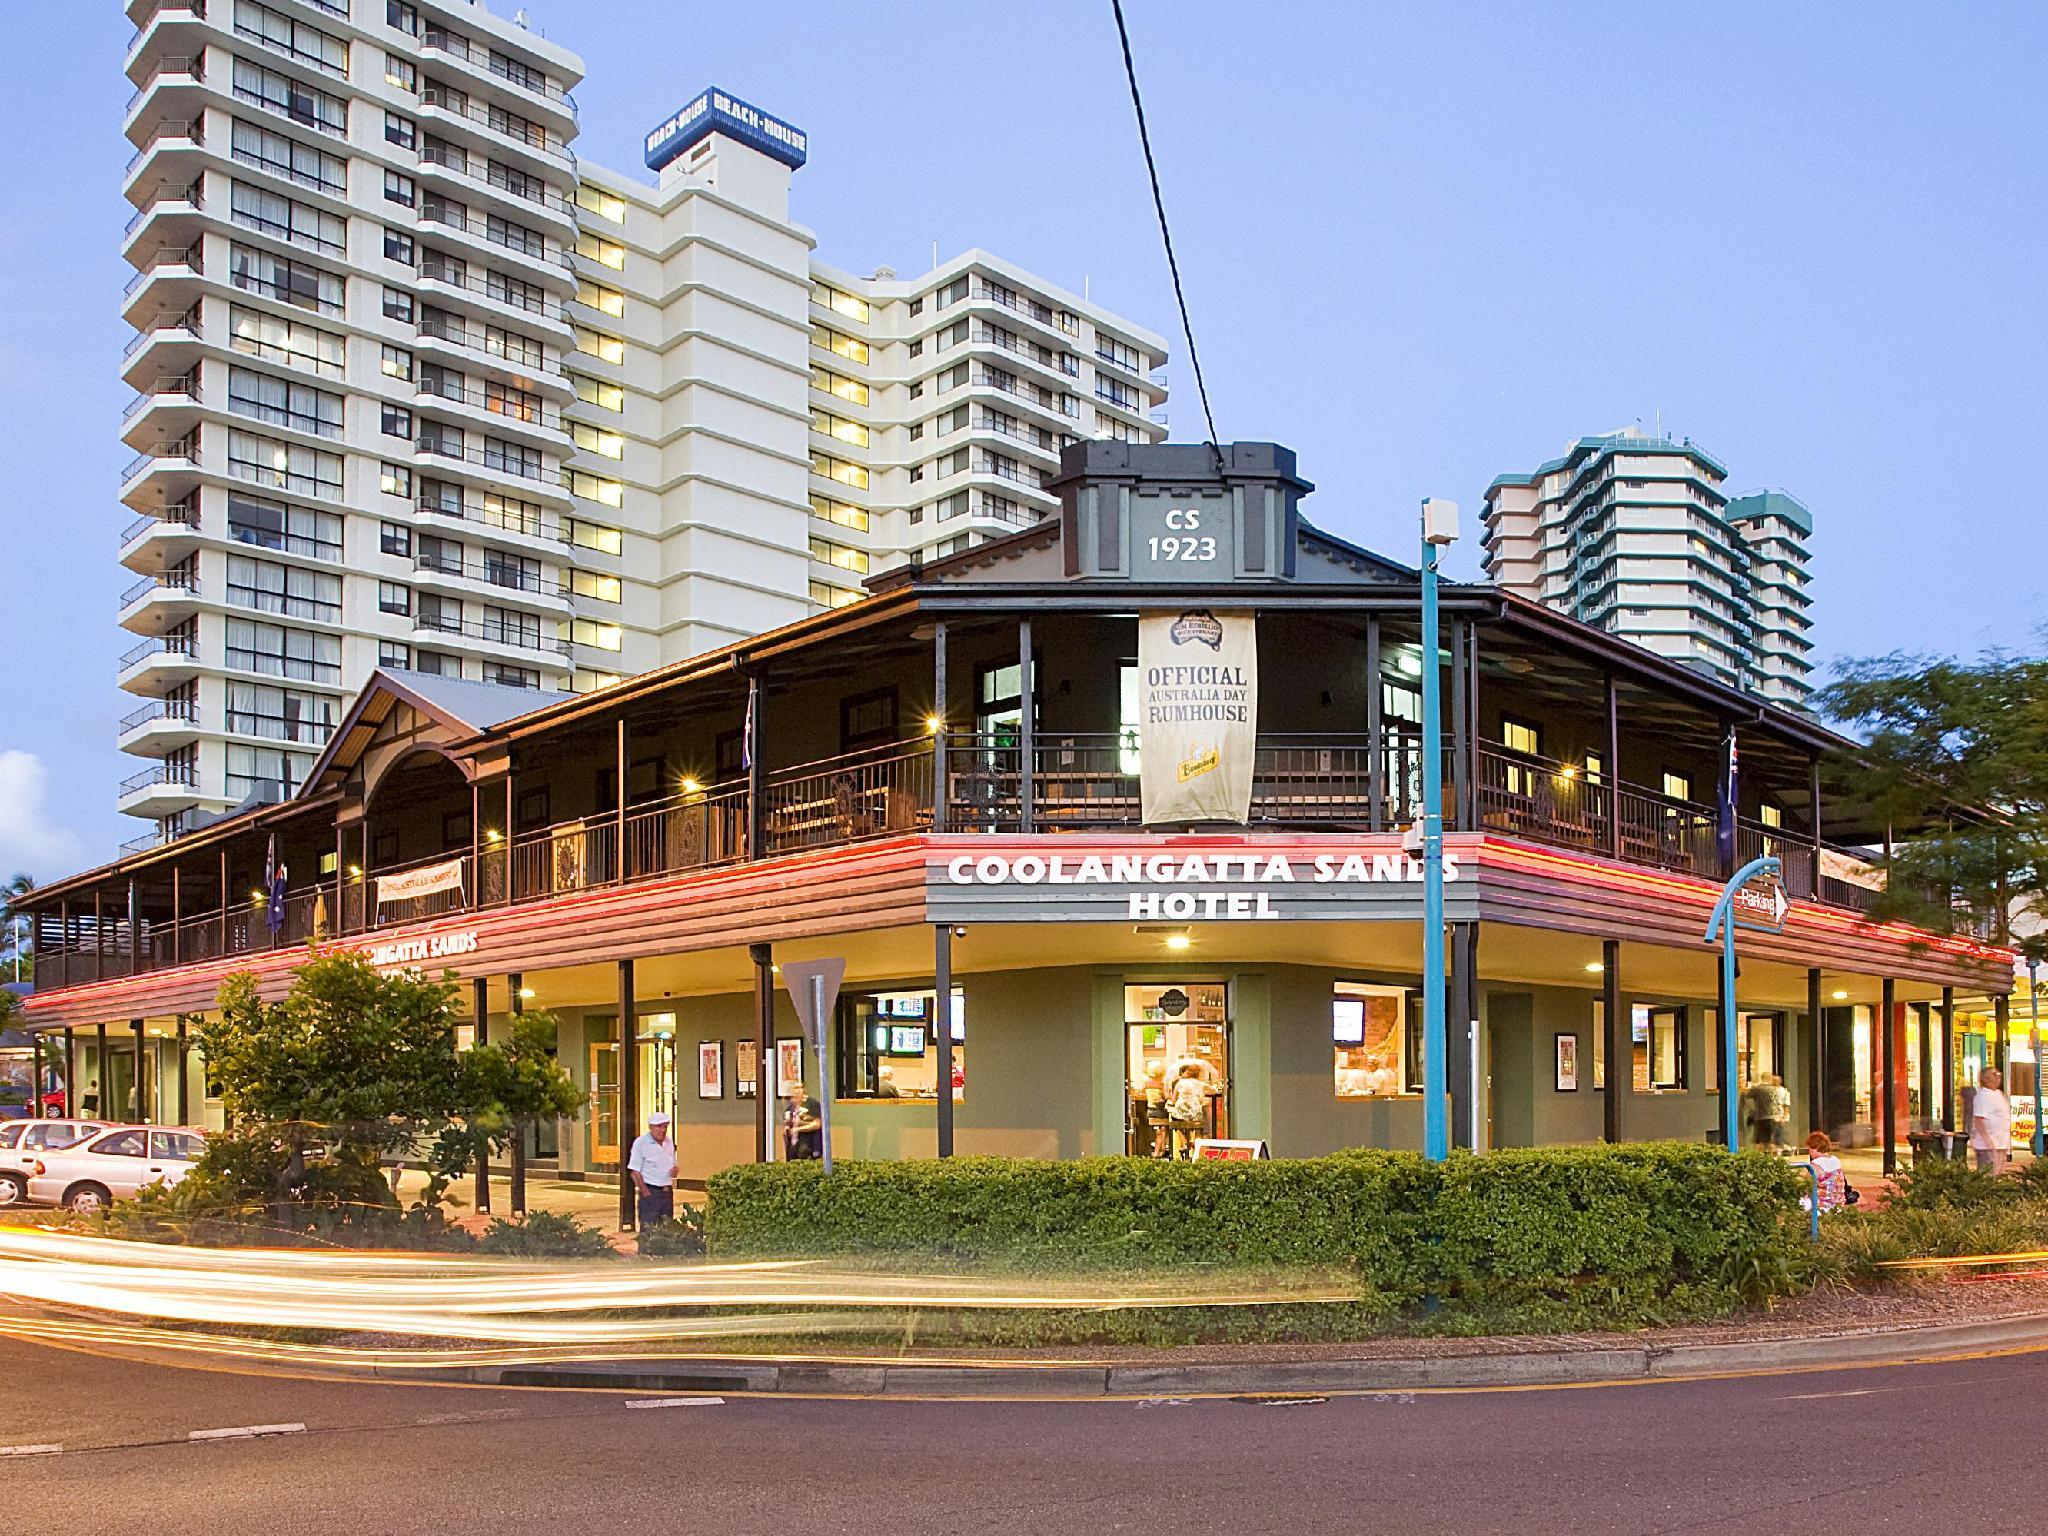 Coolangatta Sands Hostel - Hotell och Boende i Australien , Guldkusten